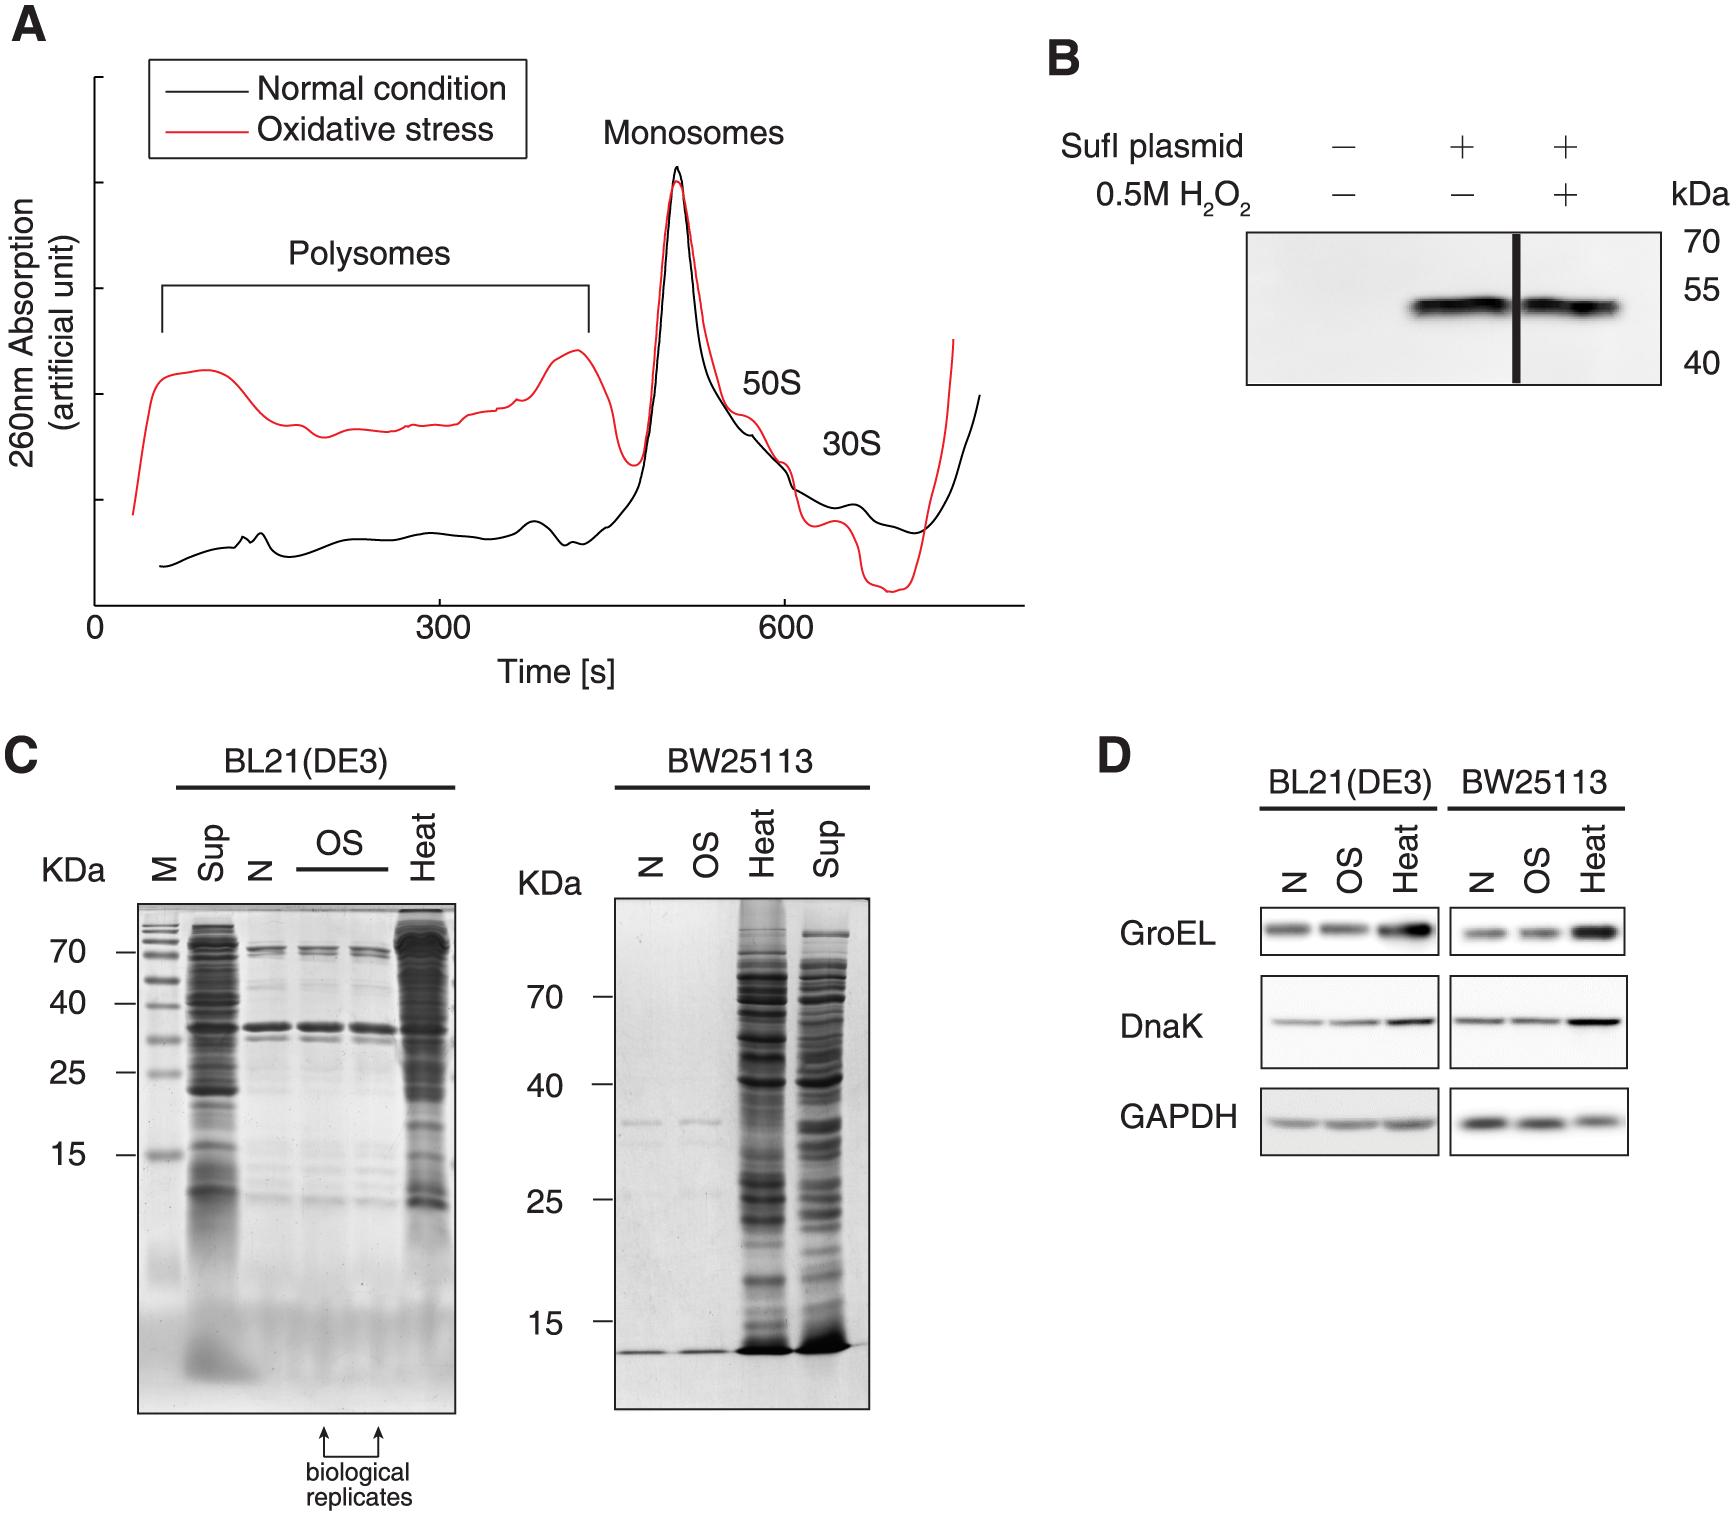 Protein biogenesis under oxidative stress.